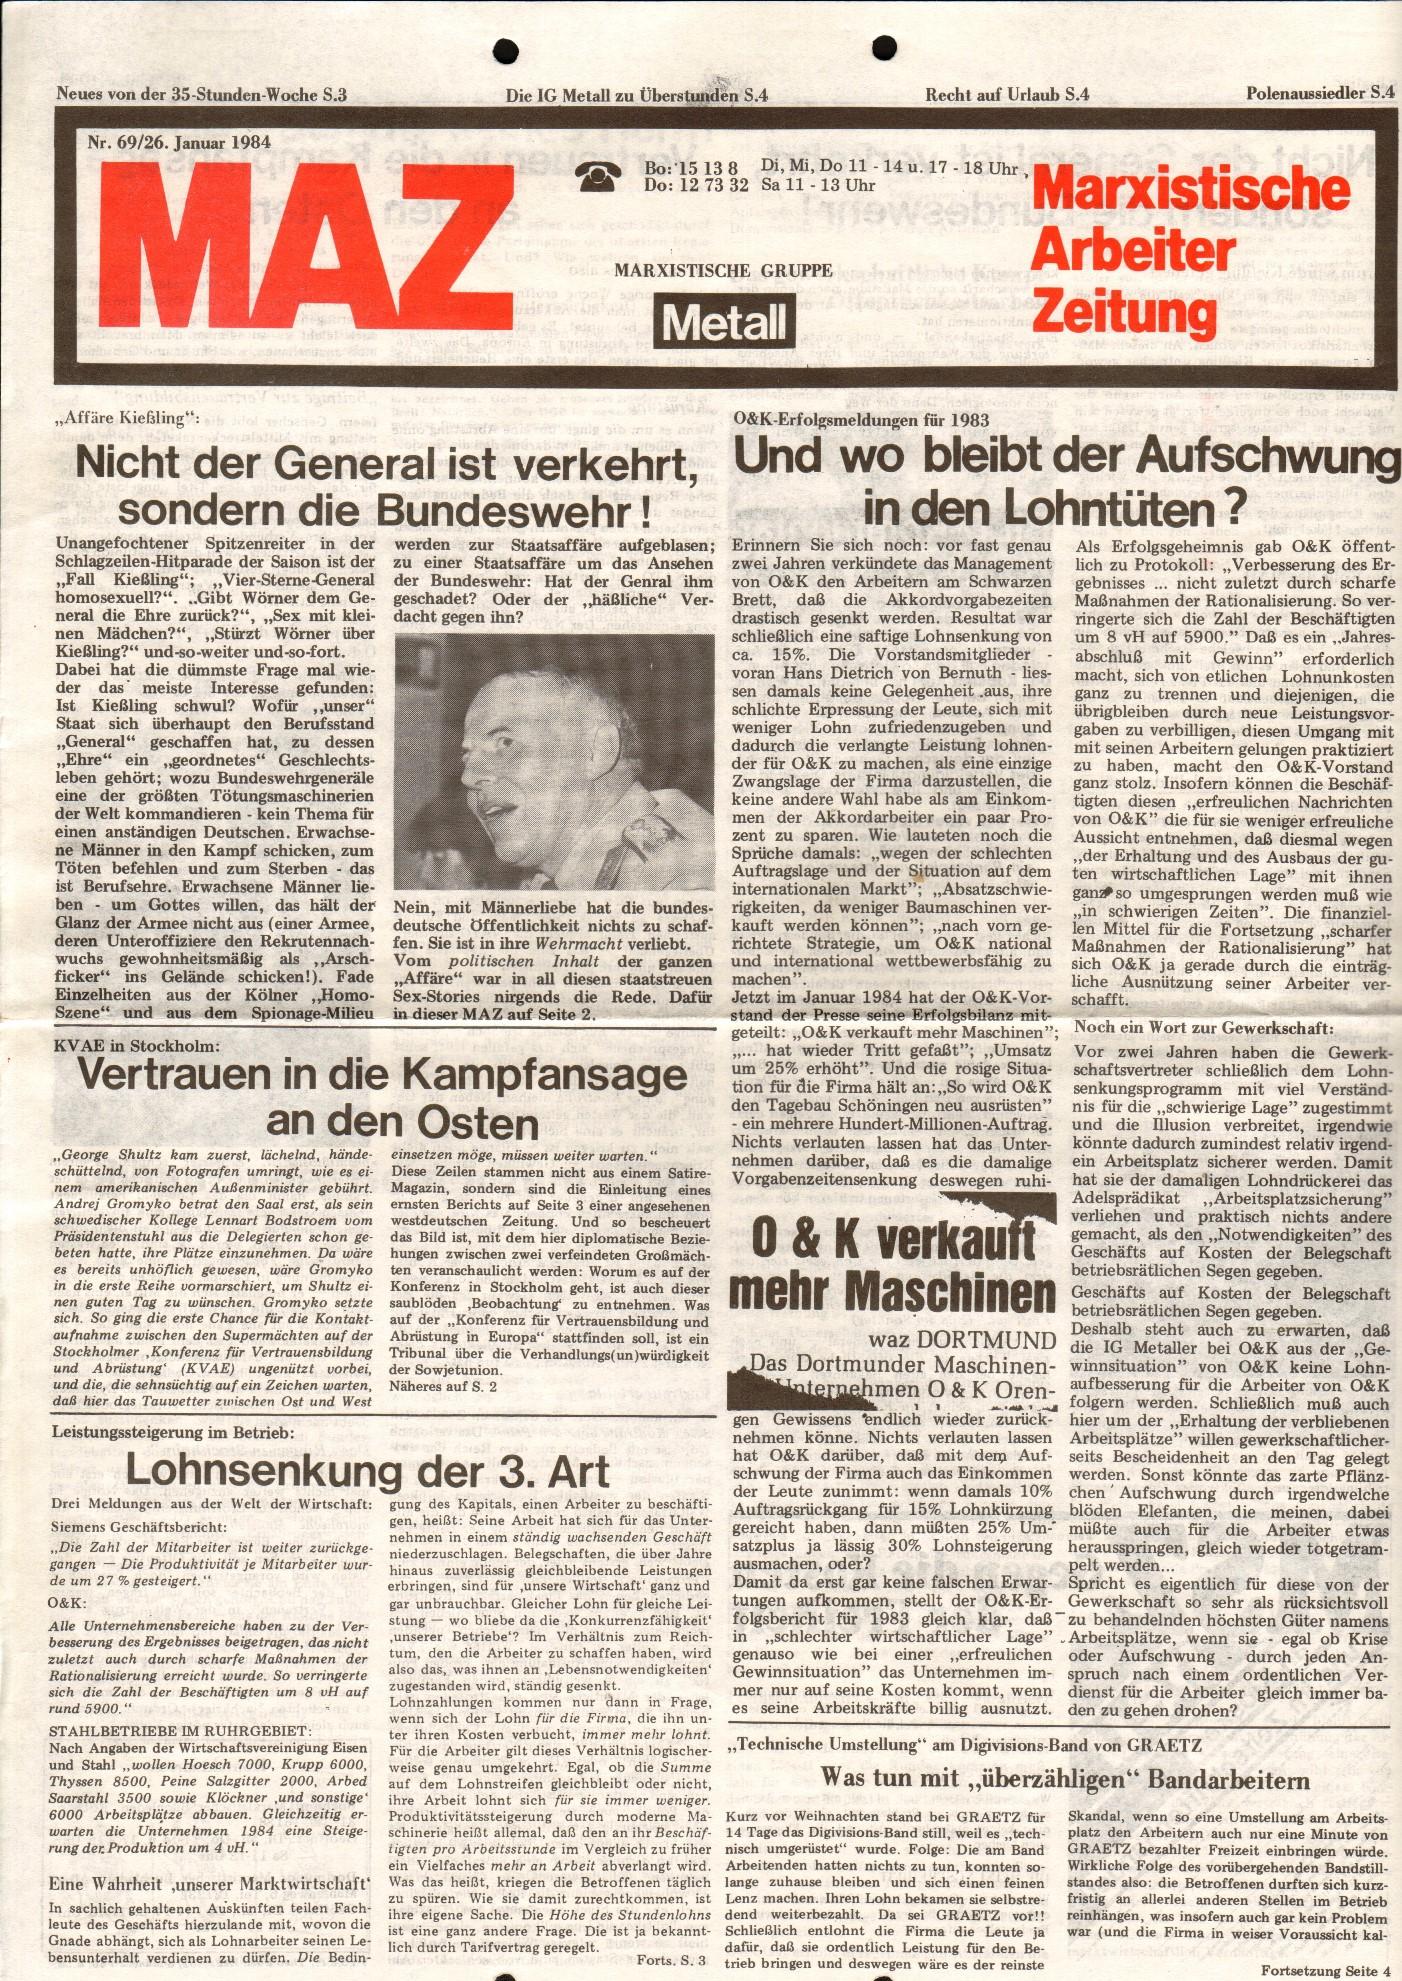 Ruhrgebiet_MG_Marxistische_Arbeiterzeitung_Metall_19840126_01